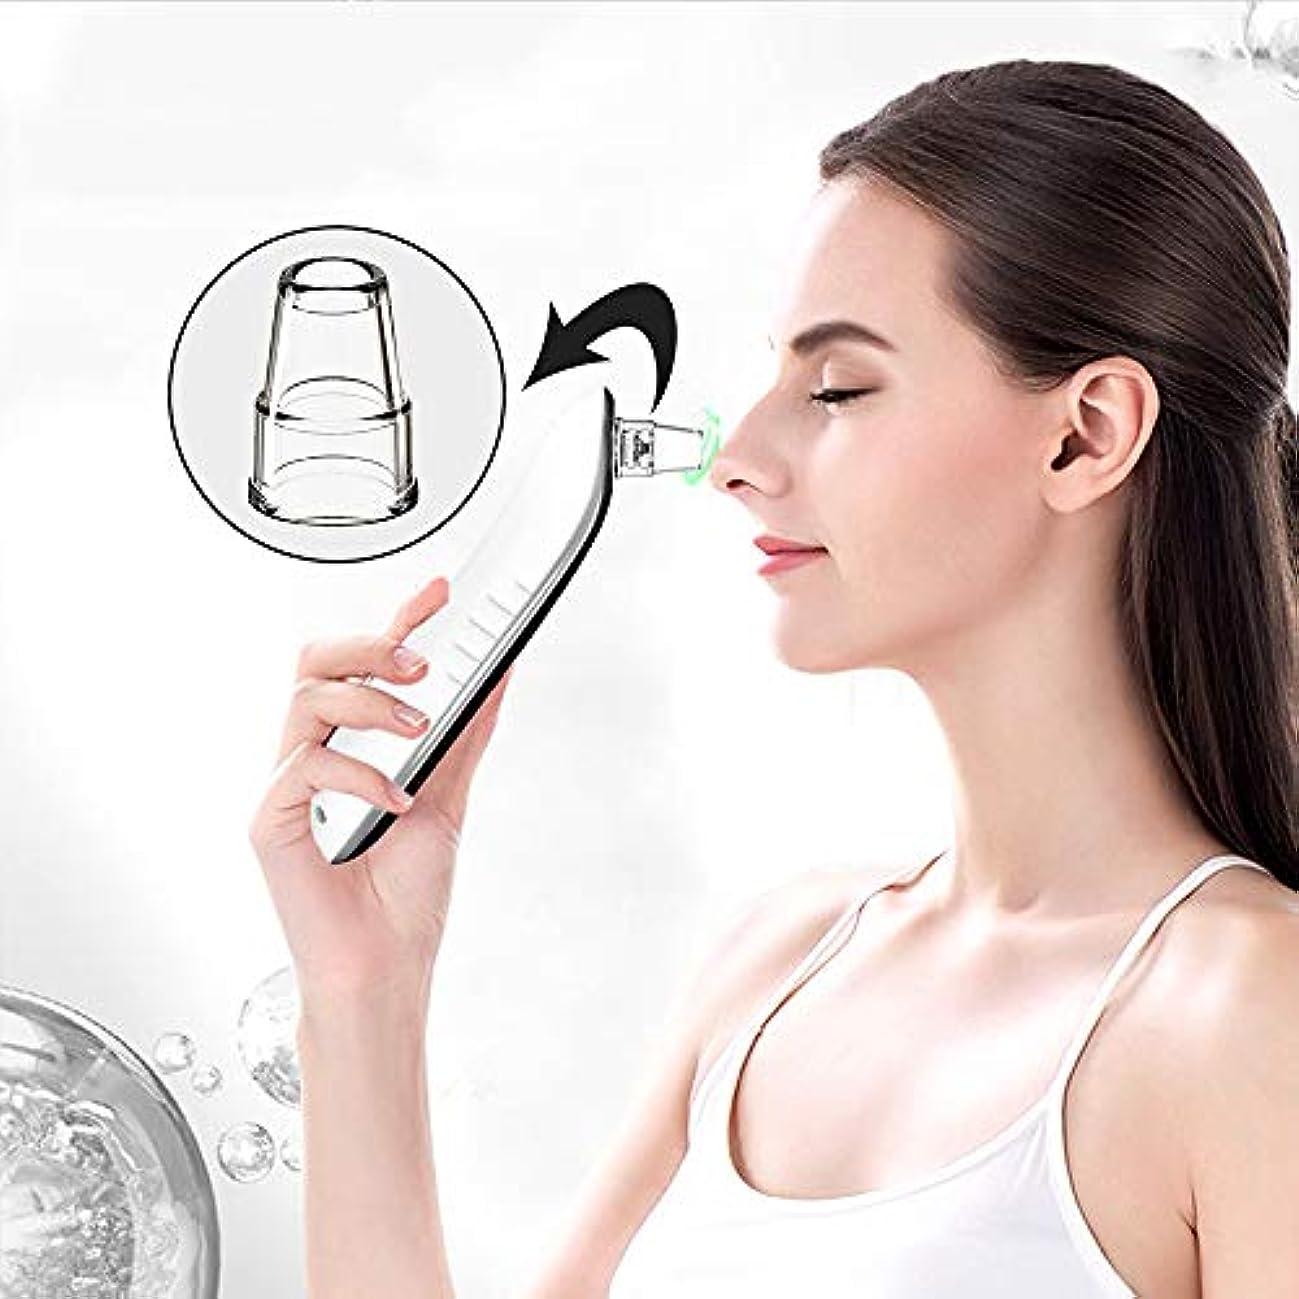 歯科のサンダル作成者毛穴真空にきびリムーバー電気毛穴クレンザーにきびクリーニング除去usb充電式抽出器ツール用フェイシャルスキンユニセックス